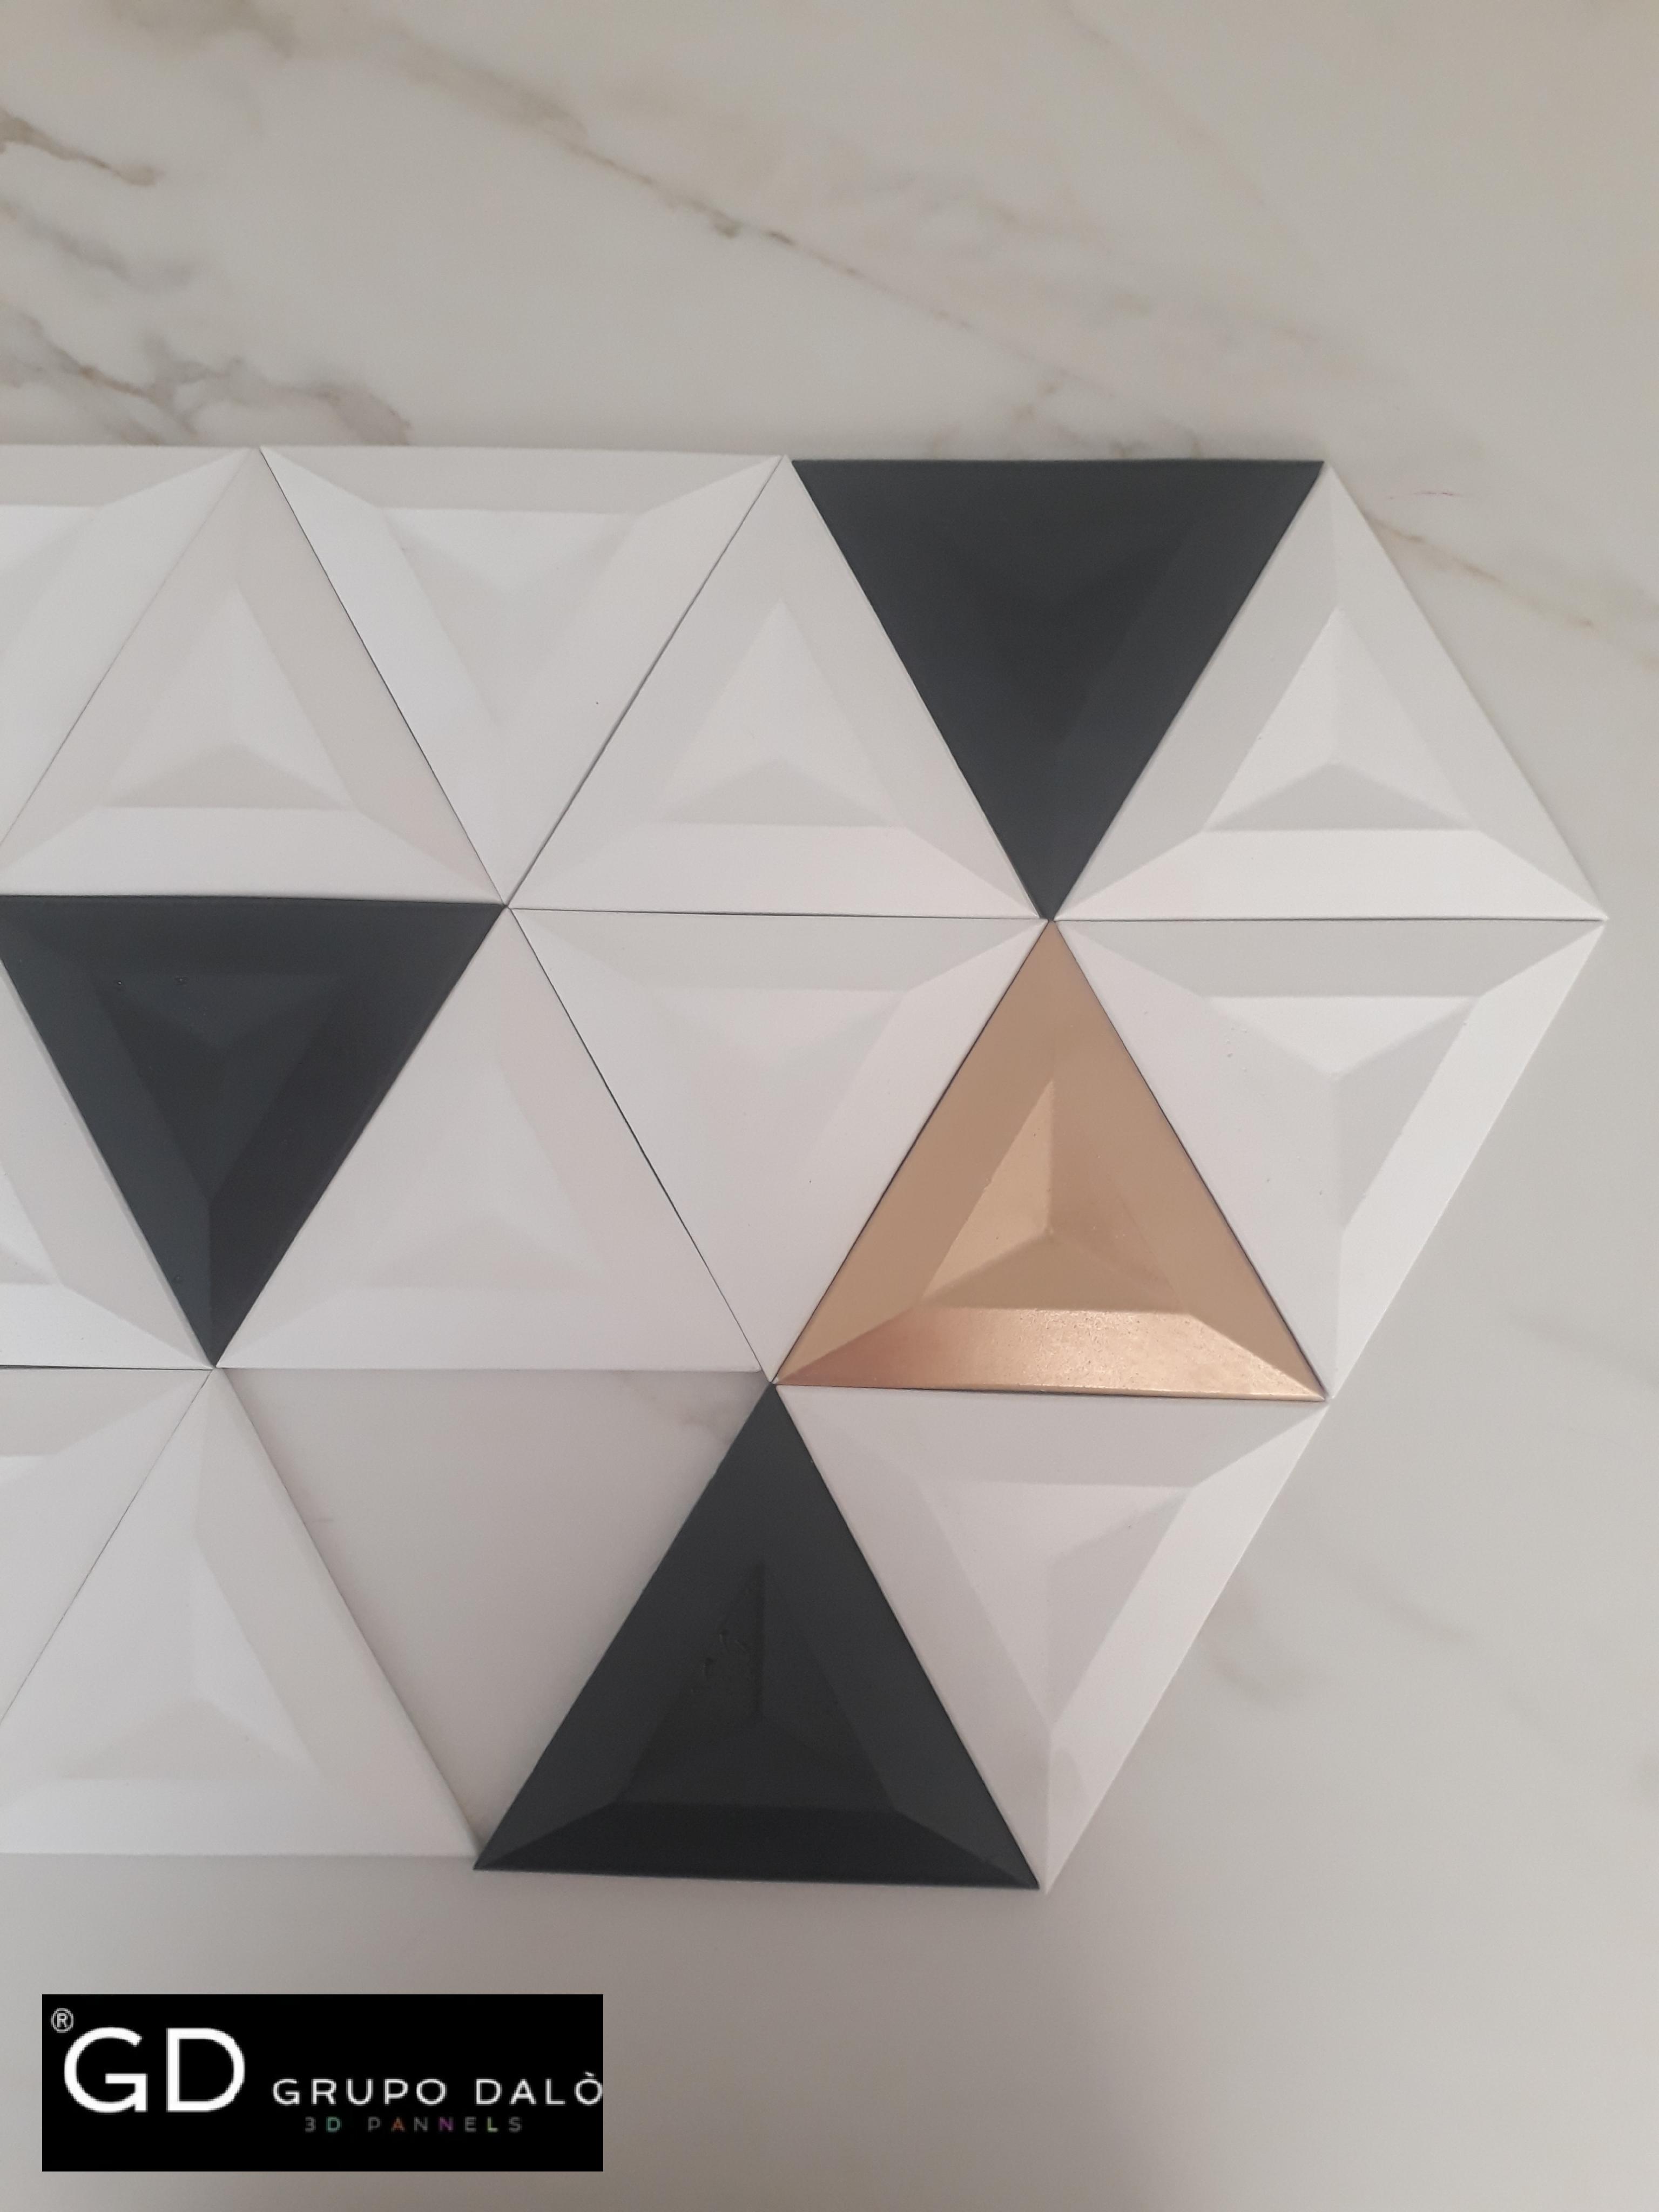 Triángulo Cóncavo